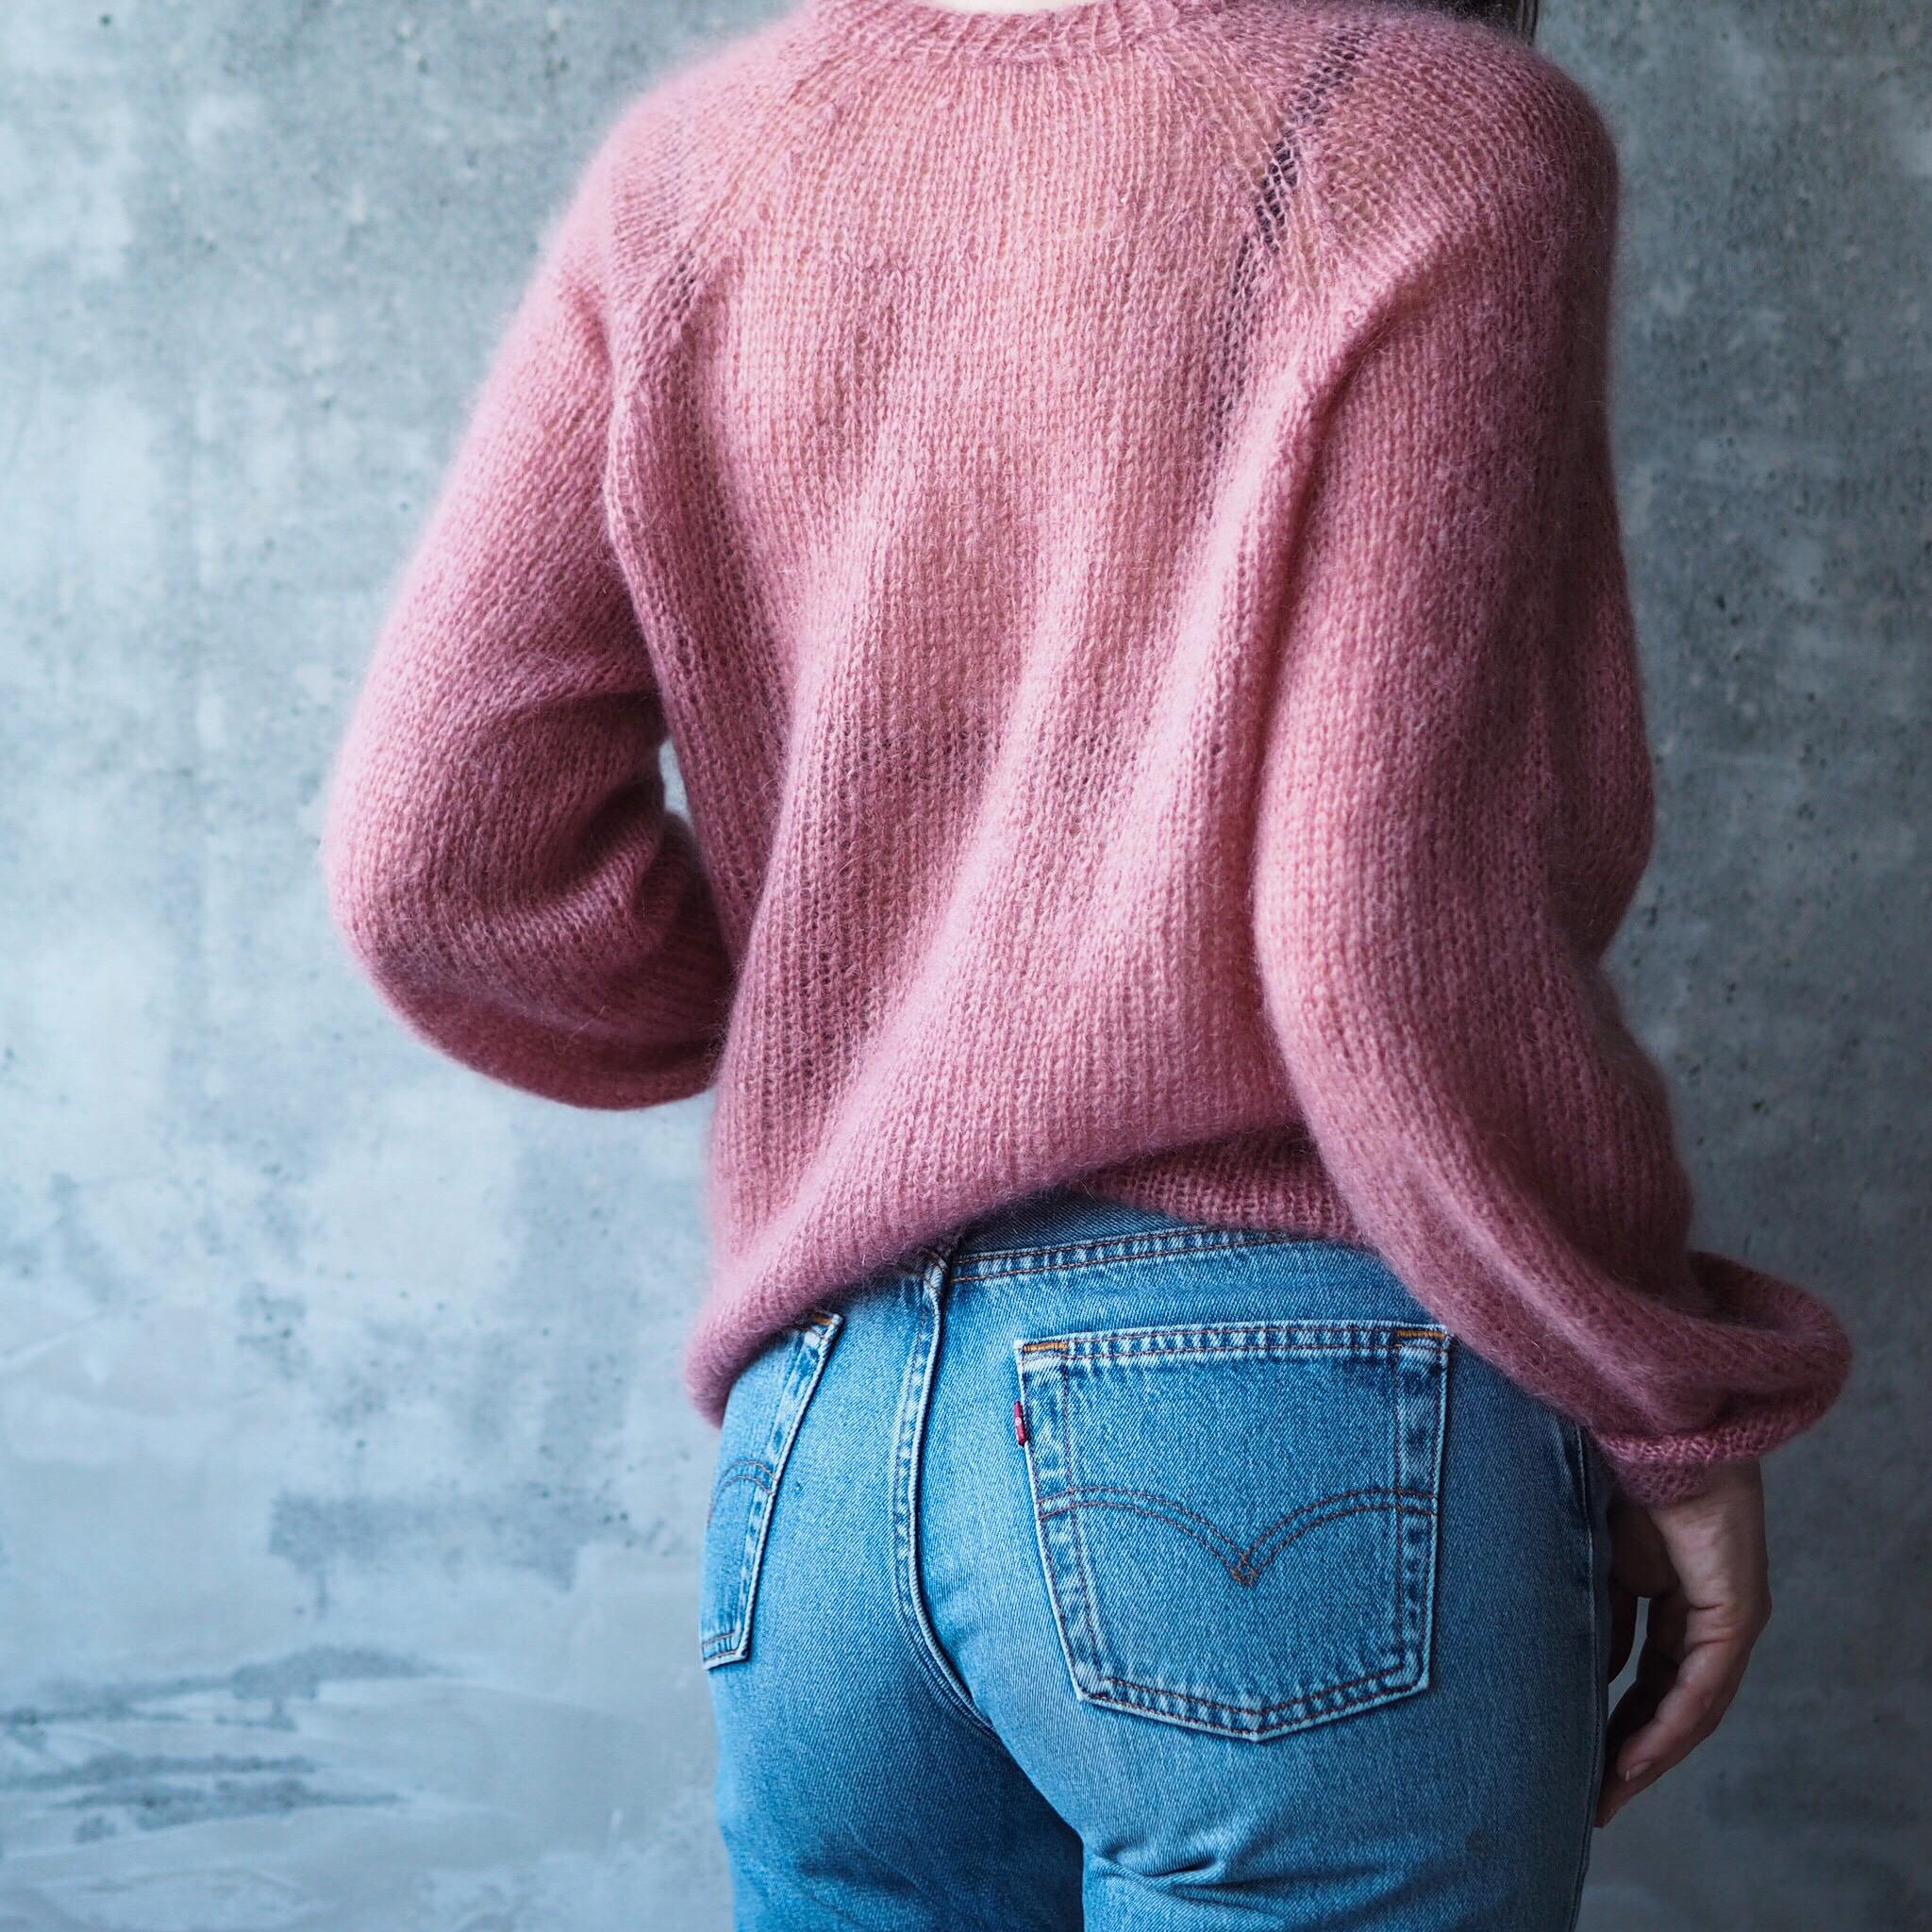 sukkerspinn genser